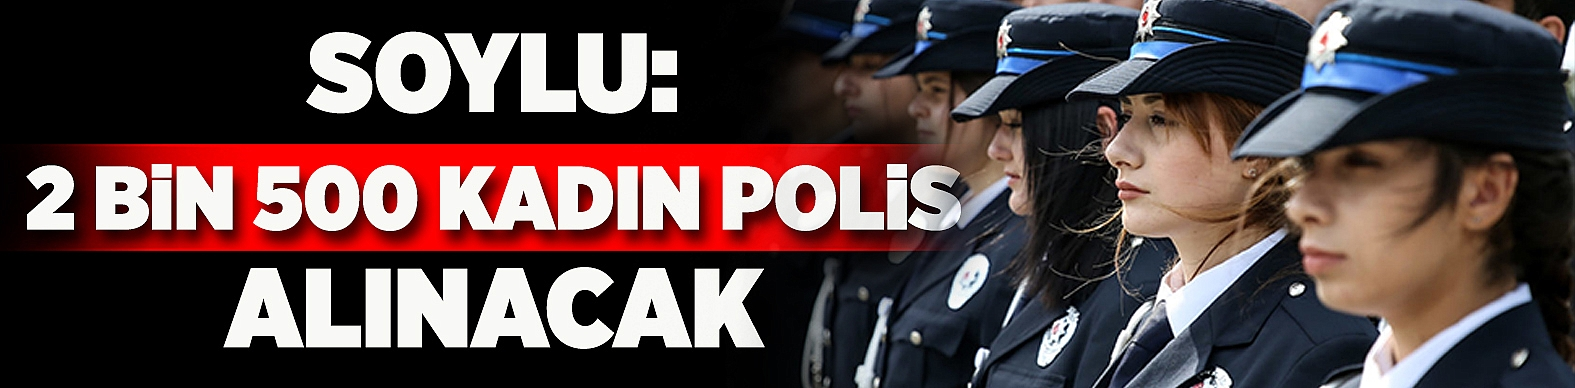 Soylu: 2 bin 500 kadın polis alınacak